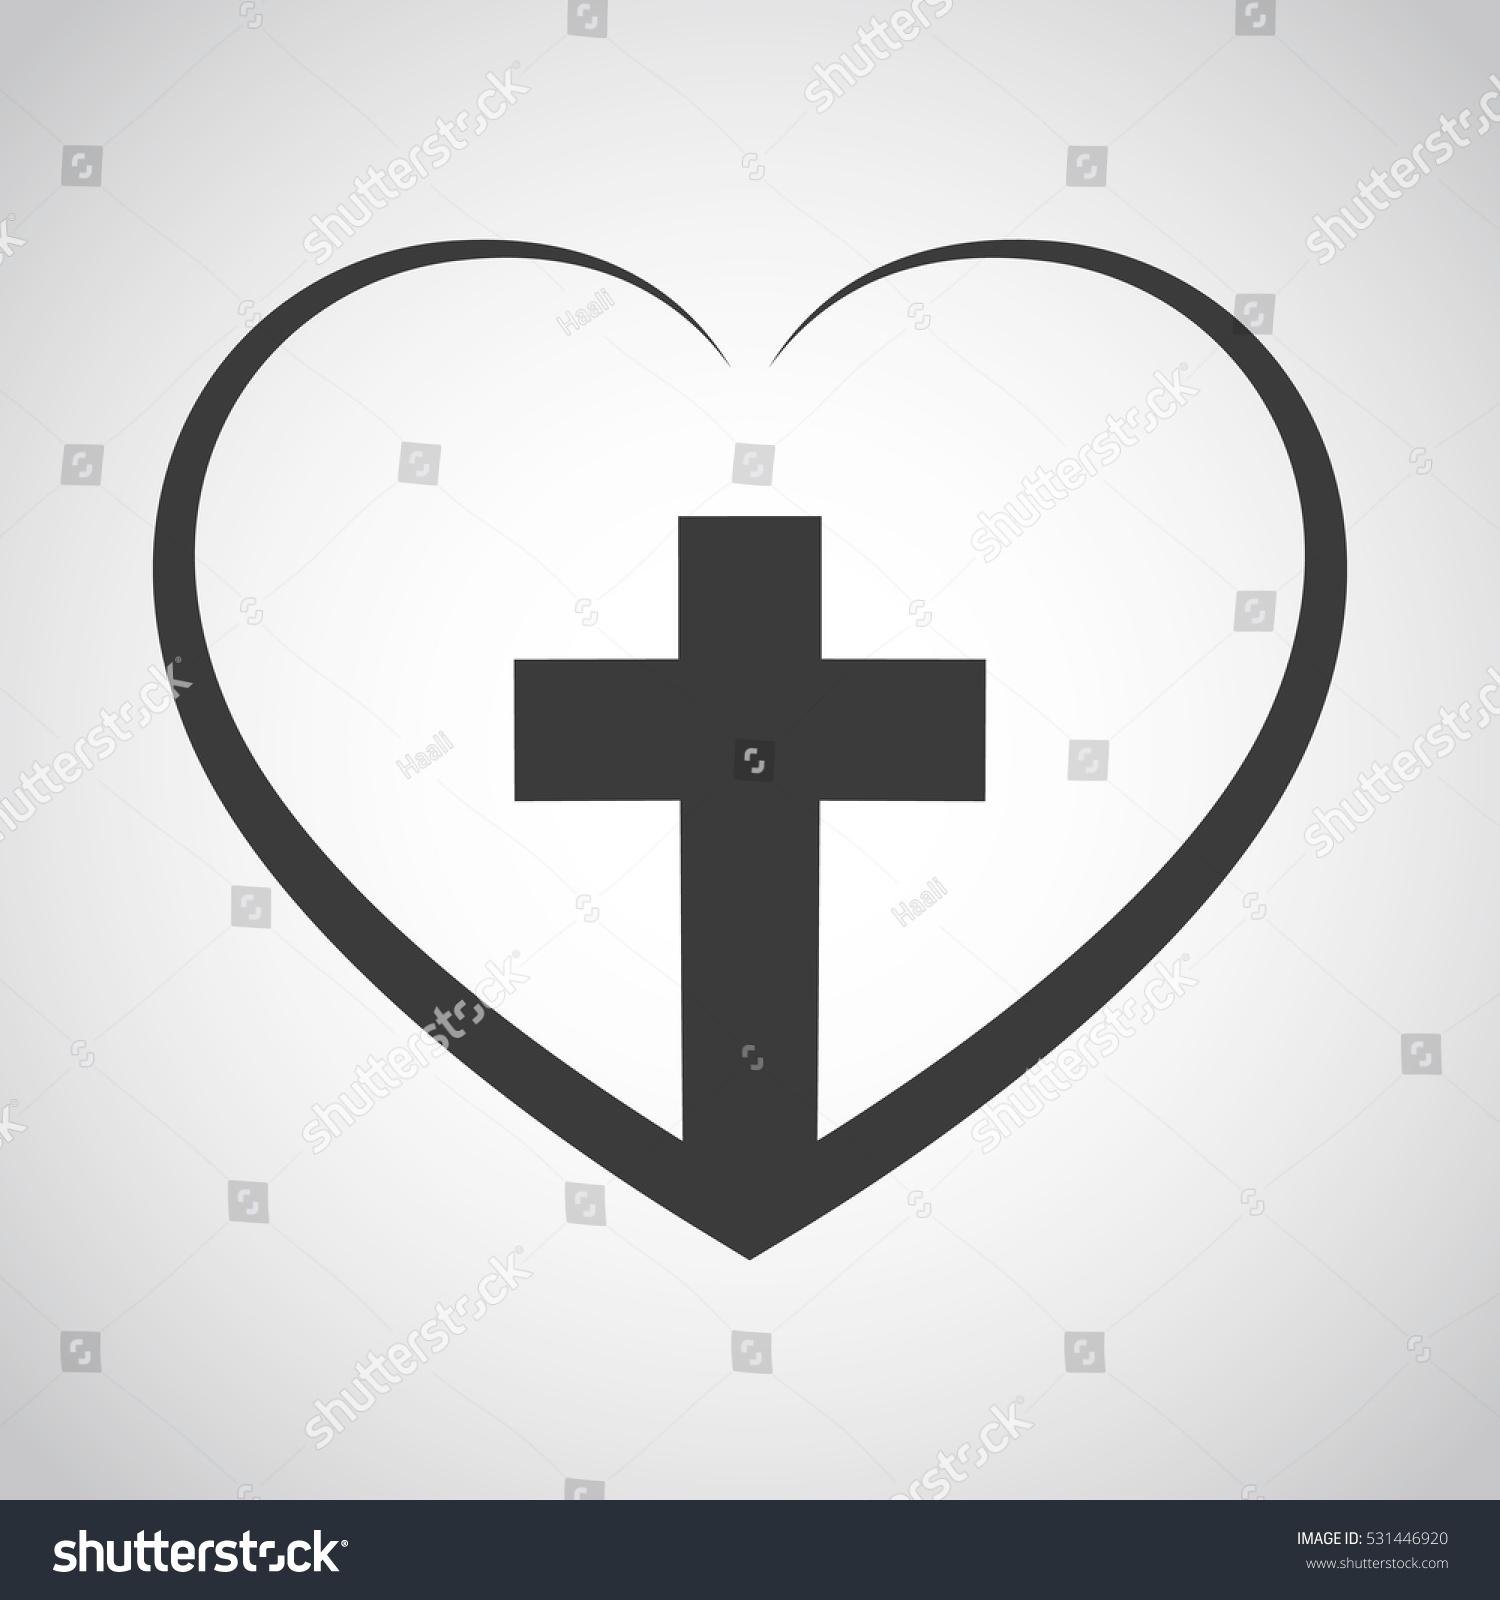 christian cross icon heart inside black stock vector